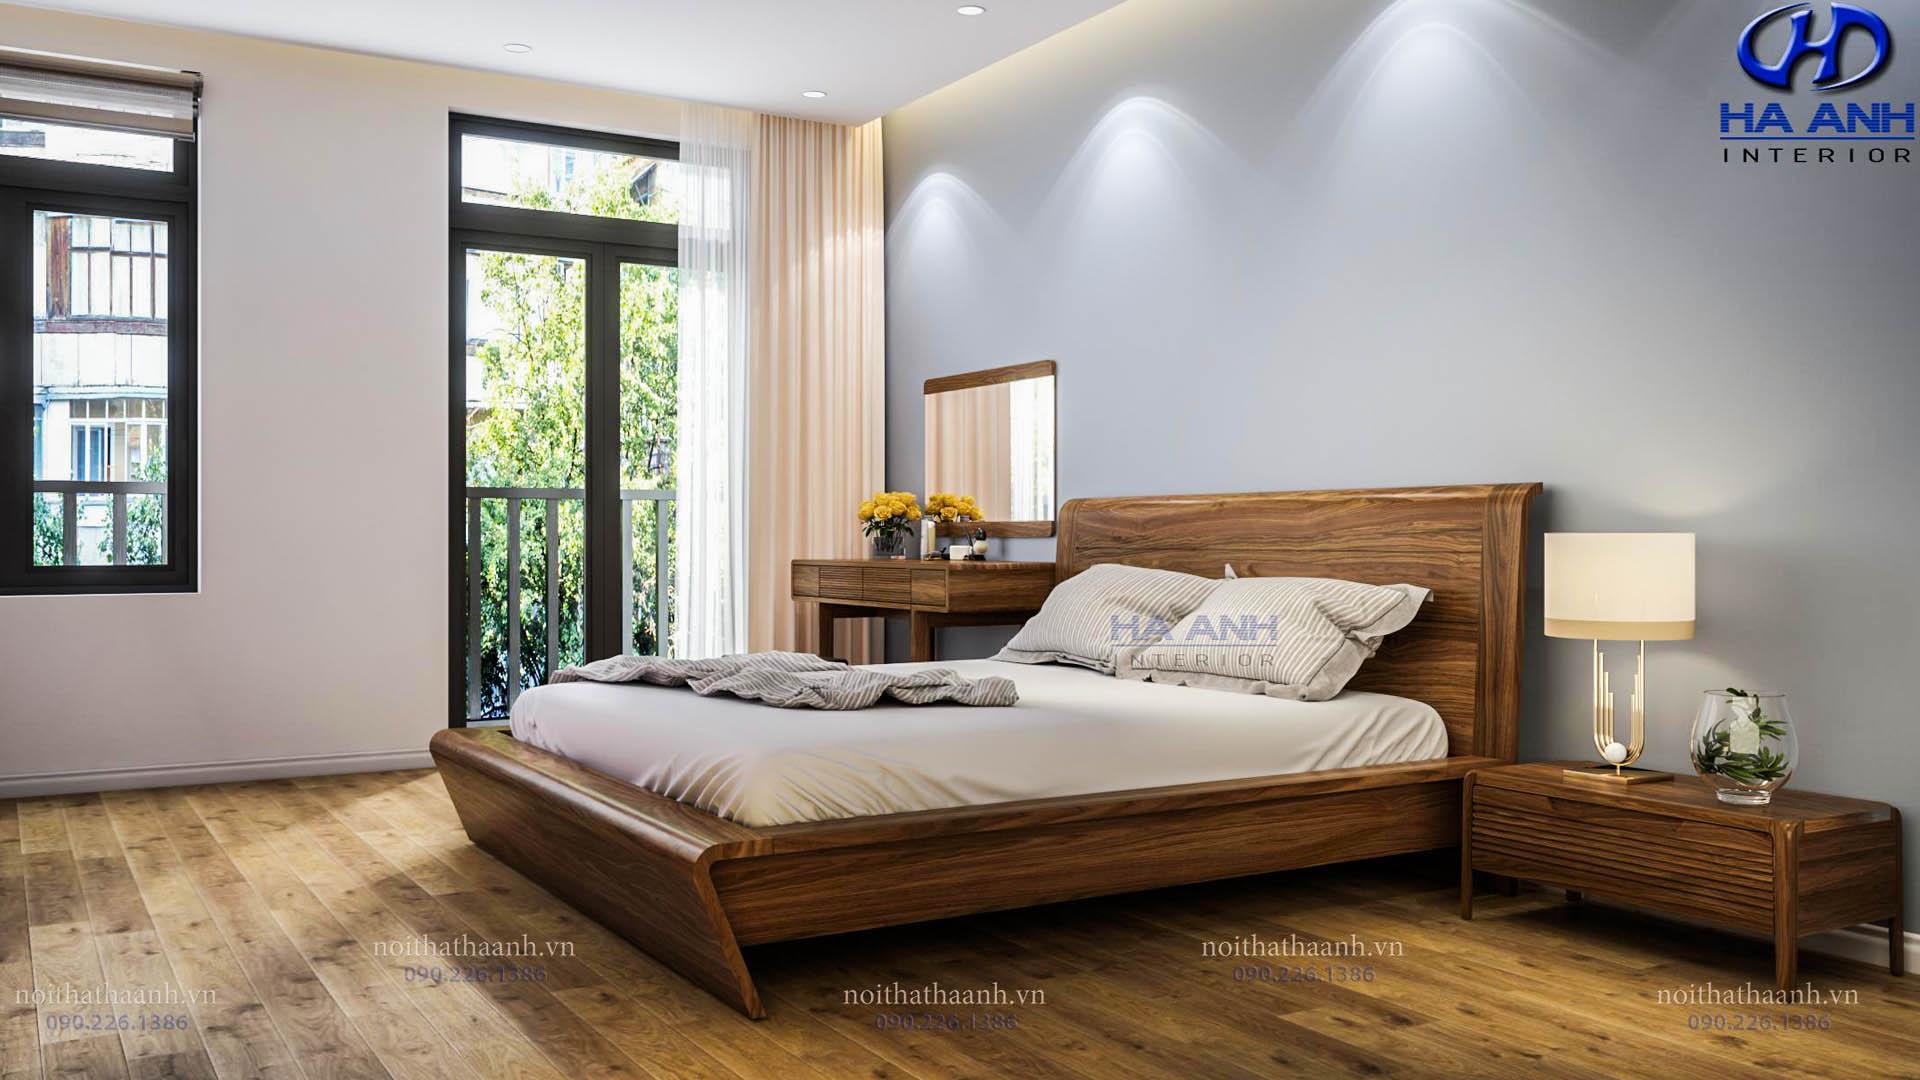 Giường ngủ gỗ Óc Chó Hà Anh HAT- 0248